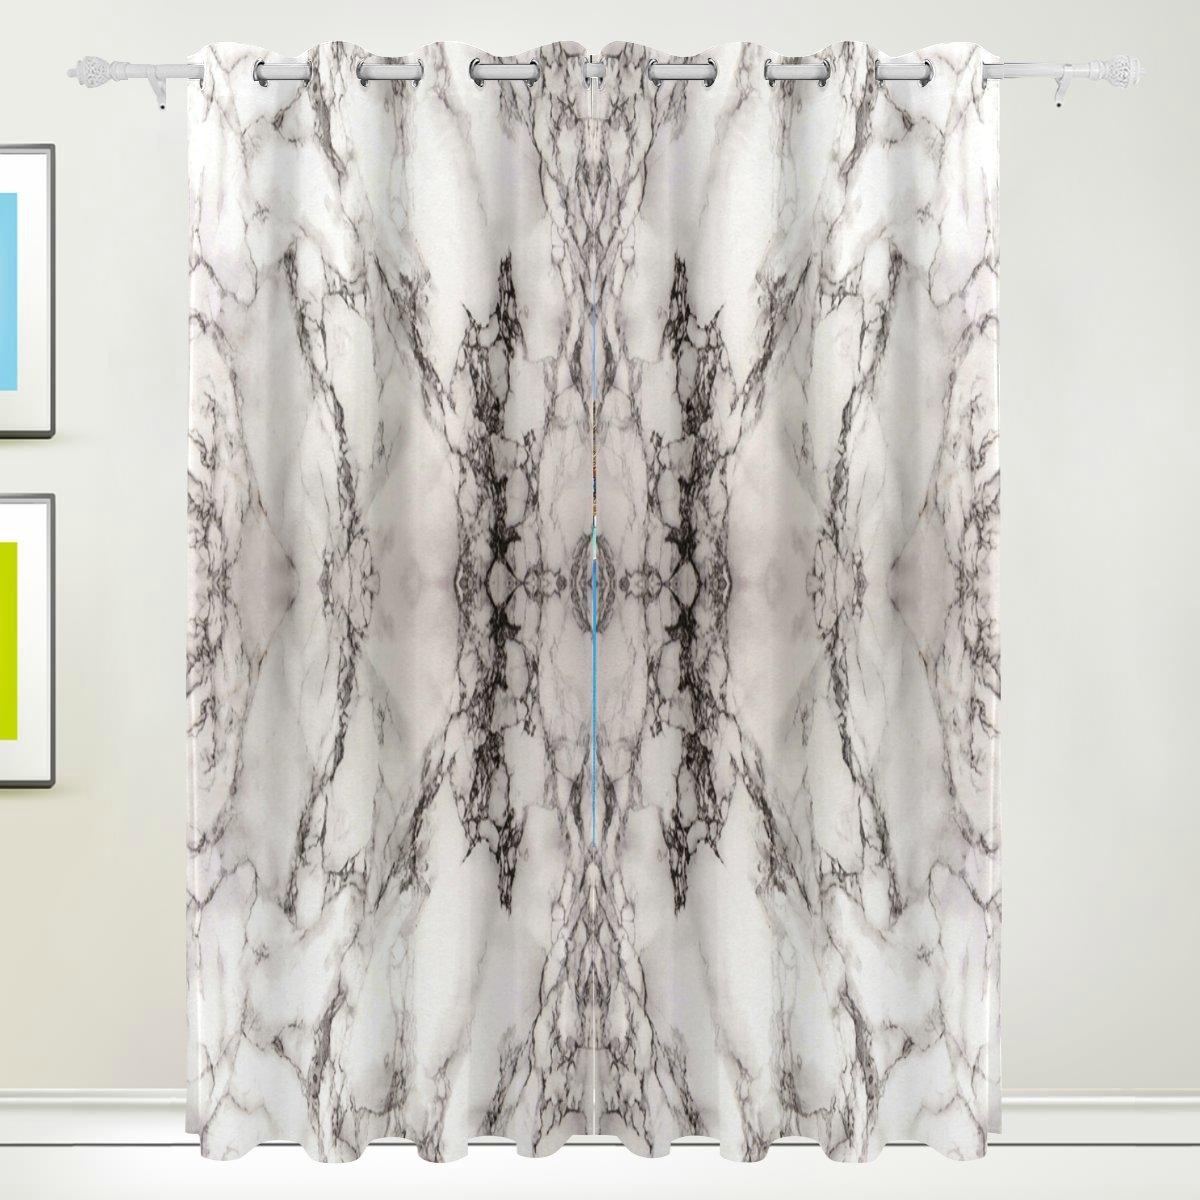 FFY Go Fenster Vorhang, 2Felder Luxus MARMOR Print Thermo-Isoliert Dicke Polyester-Blackout-Home Decor mit Öse für Schlafzimmer Wohnzimmer Badezimmer Küche 213,4x 139,7cm